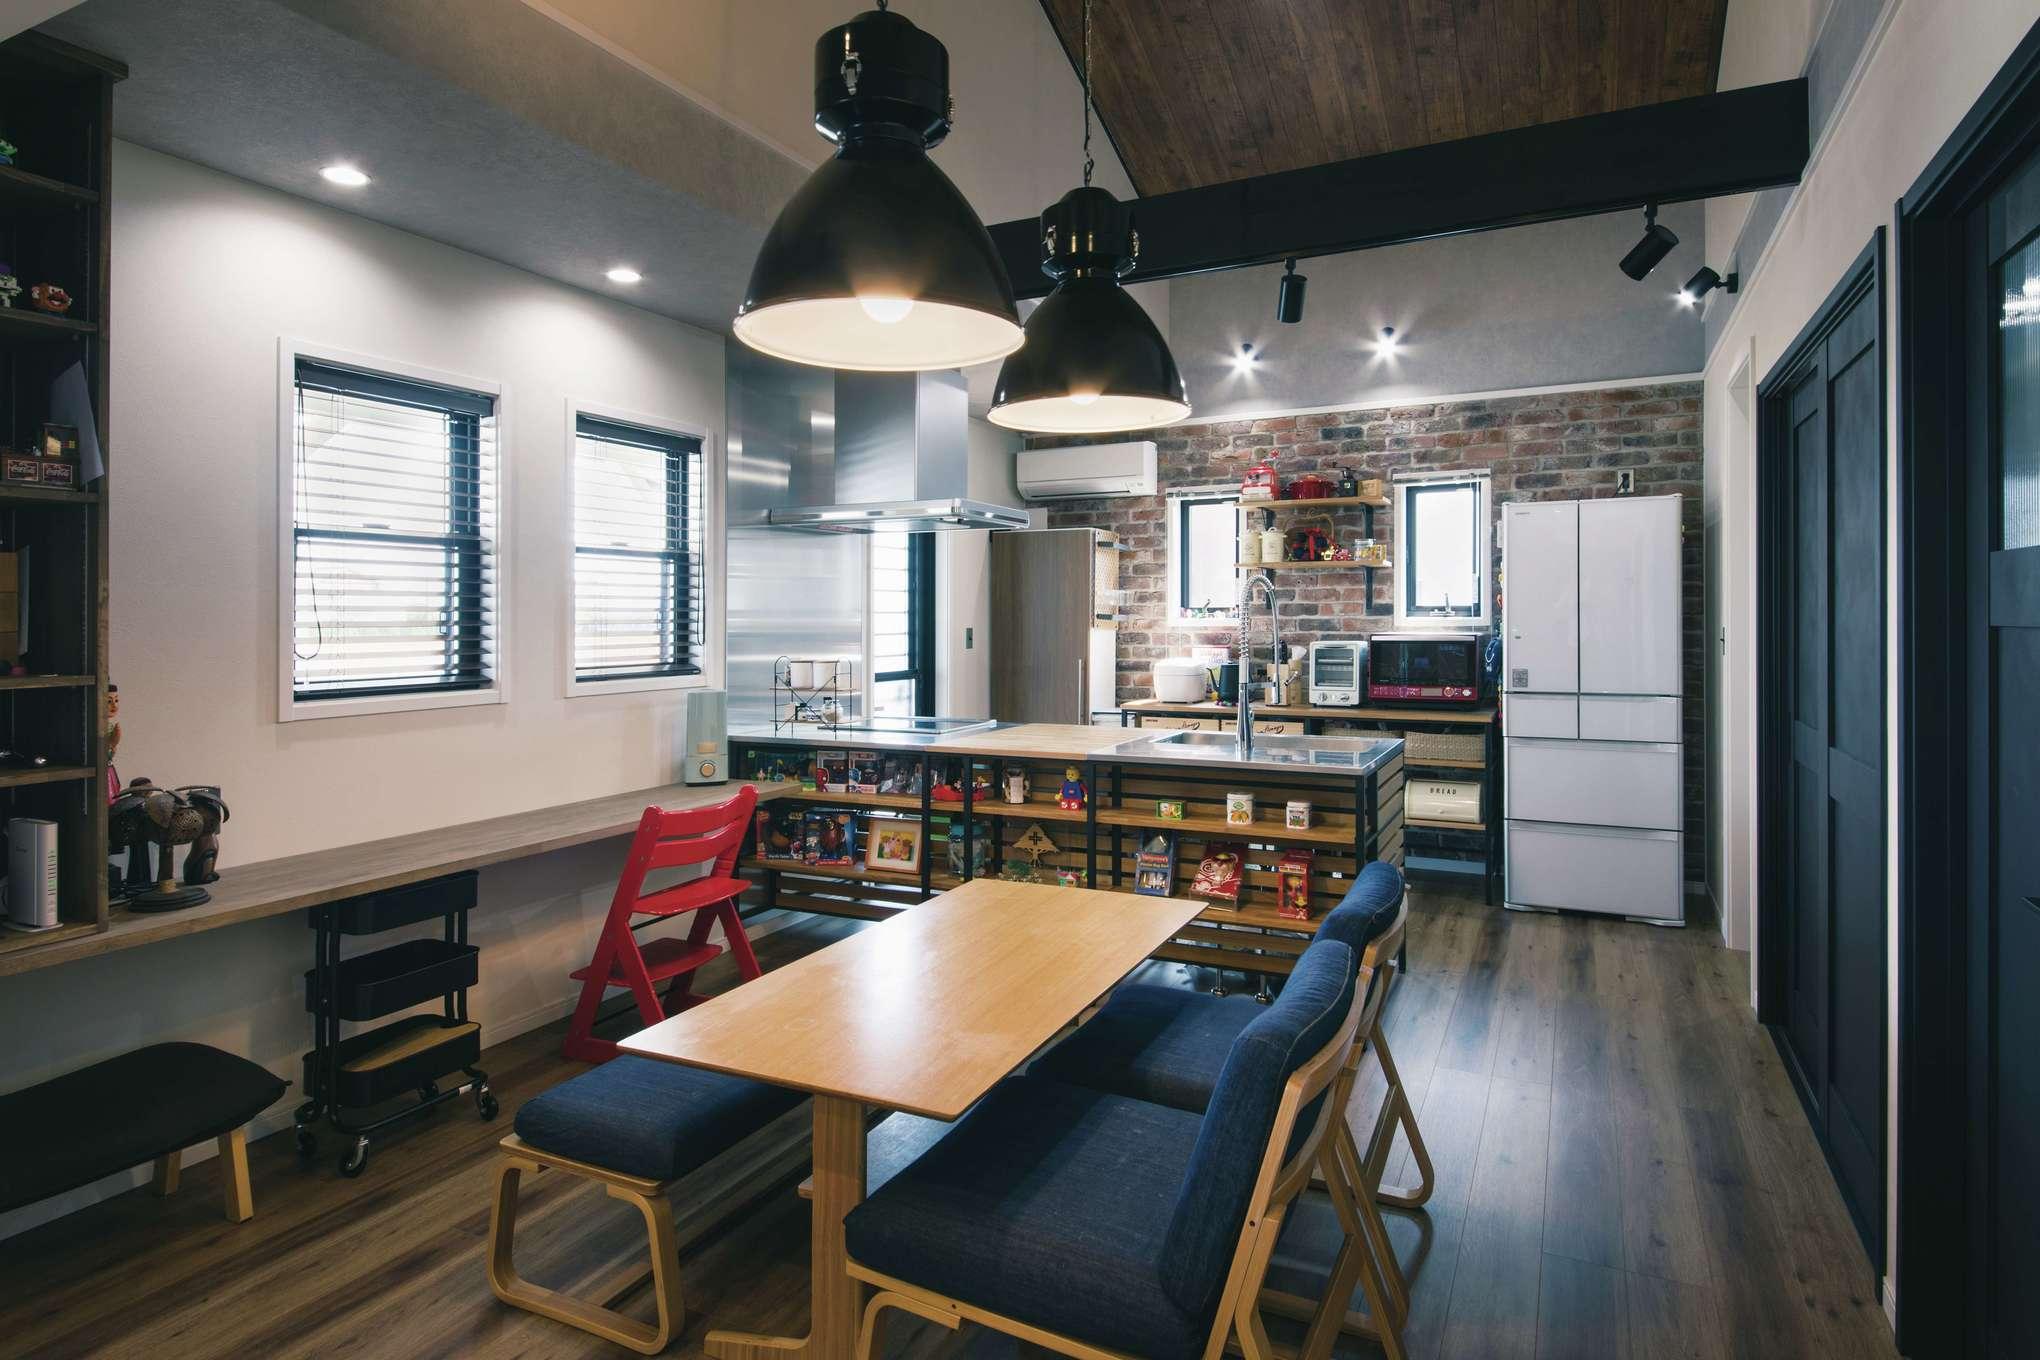 木場建築設計 KIBA-AD【デザイン住宅、屋上バルコニー、趣味】重厚なブルックリンテイストのダイニング。フレームキッチンがインテリアの主役に。インダストリアルなペンダントライトは木場社長からの提案